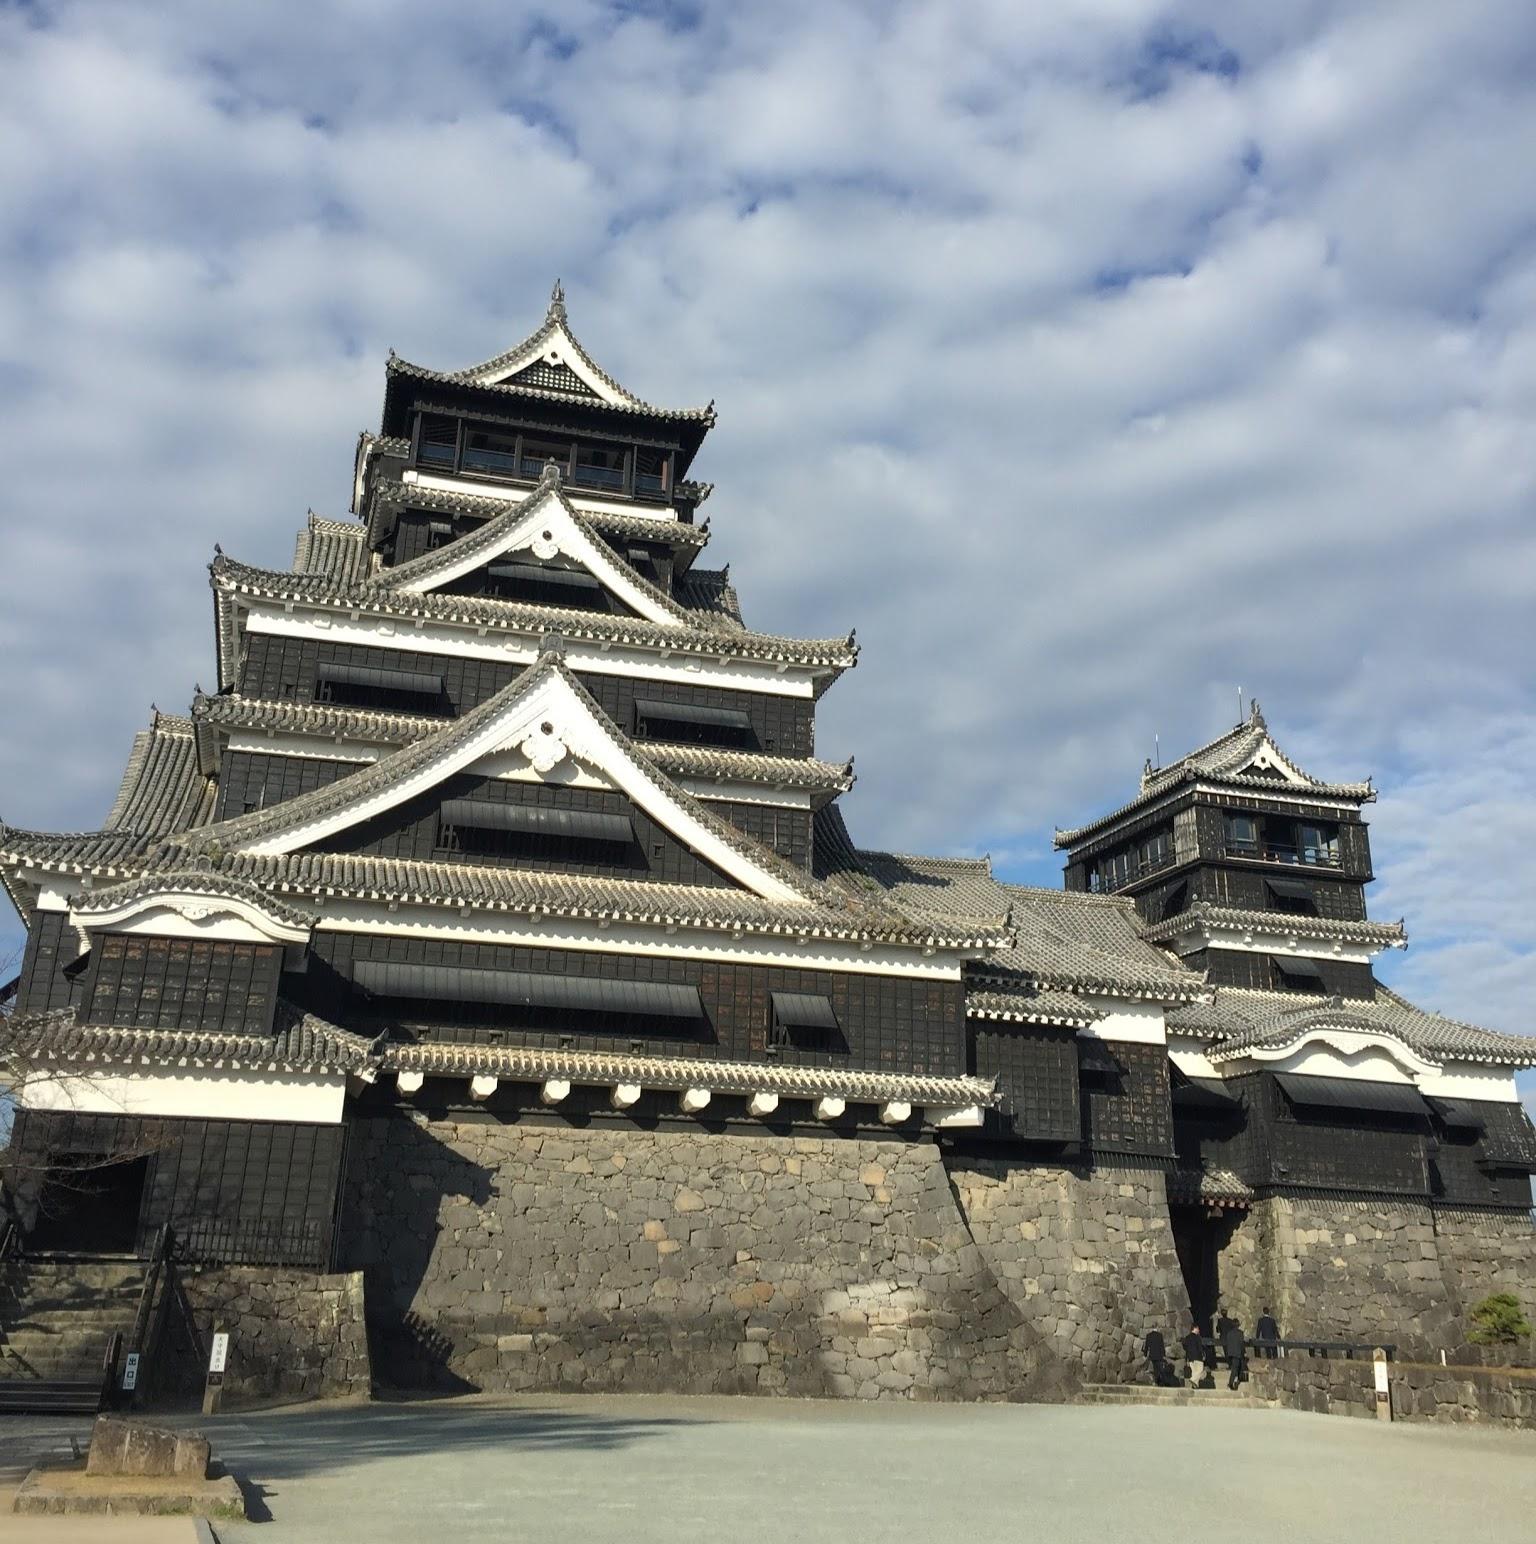 ปราสาท คุมาโมตะ คิวชู